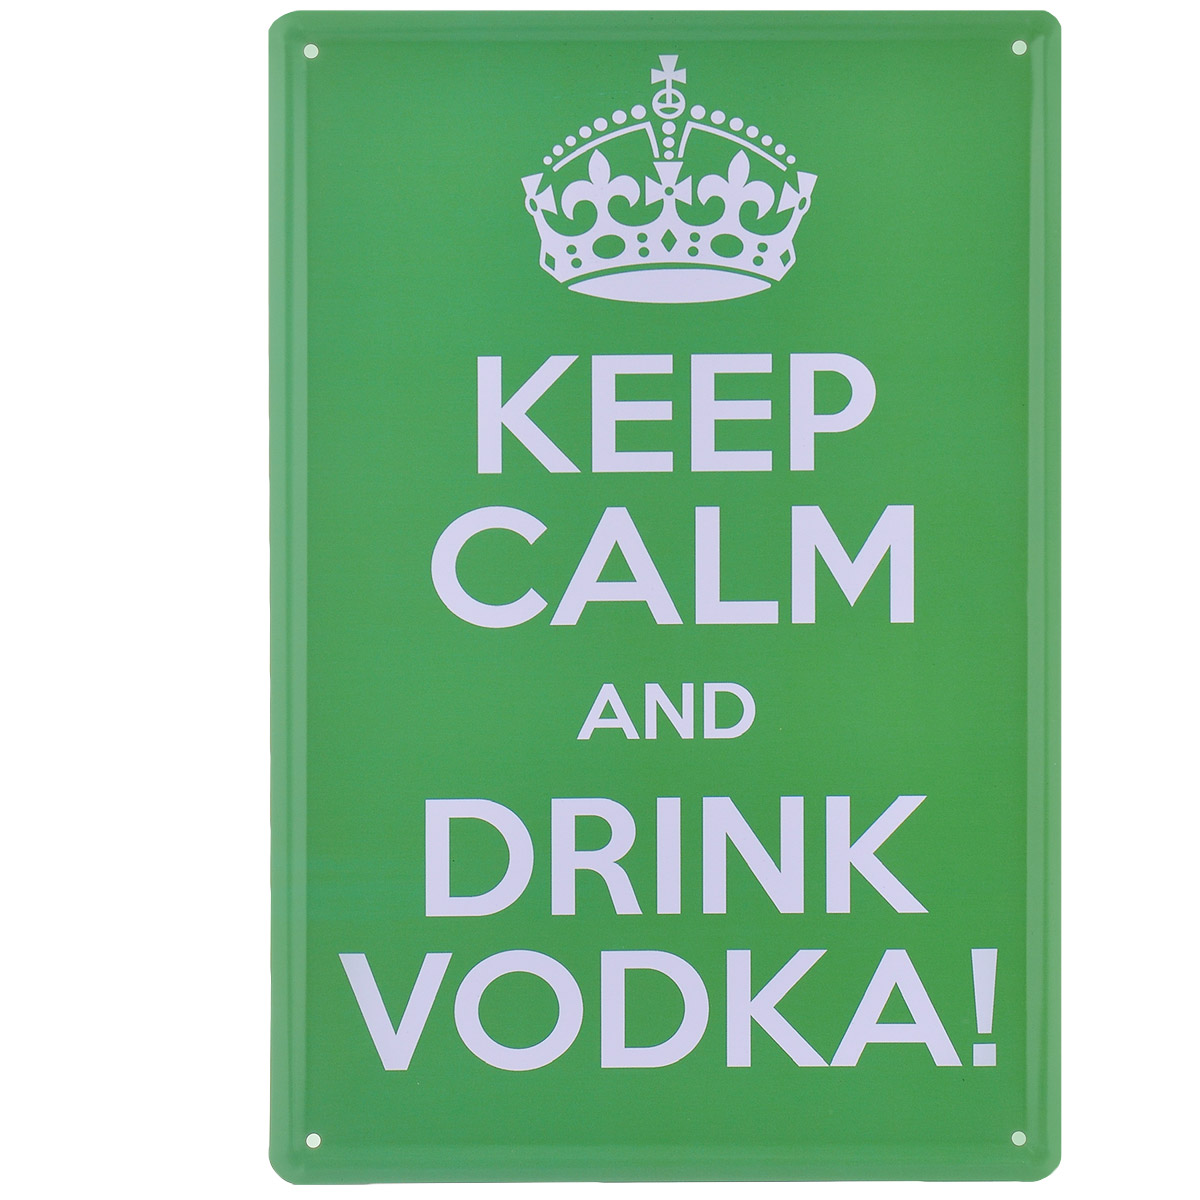 Постер Феникс-презент Сохраняй спокойствие, цвет: зеленый, 20 см х 30 см37436Постер Феникс-презент Сохраняй спокойствие выполнен из черного металла. На постере изображена фраза Keep Calm And Drink Vodka!.Постер заинтересует всех любителей оригинальных вещиц и доставит массу положительных эмоций своему обладателю.Картина для интерьера (постер) - современное и актуальное направление в дизайне любых помещений.Постер может использоваться для оформления любых интерьеров:- дом, квартира (гостиная, спальня, кухня); - офис (комната переговоров, холл, кабинет); - бар, кафе, ресторан или гостиница. Из мелочей складывается стиль интерьера. Постер Феникс-презент Сохраняй спокойствие одна из тех деталей, которые придают интерьеру обжитой вид и создают ощущение уюта.